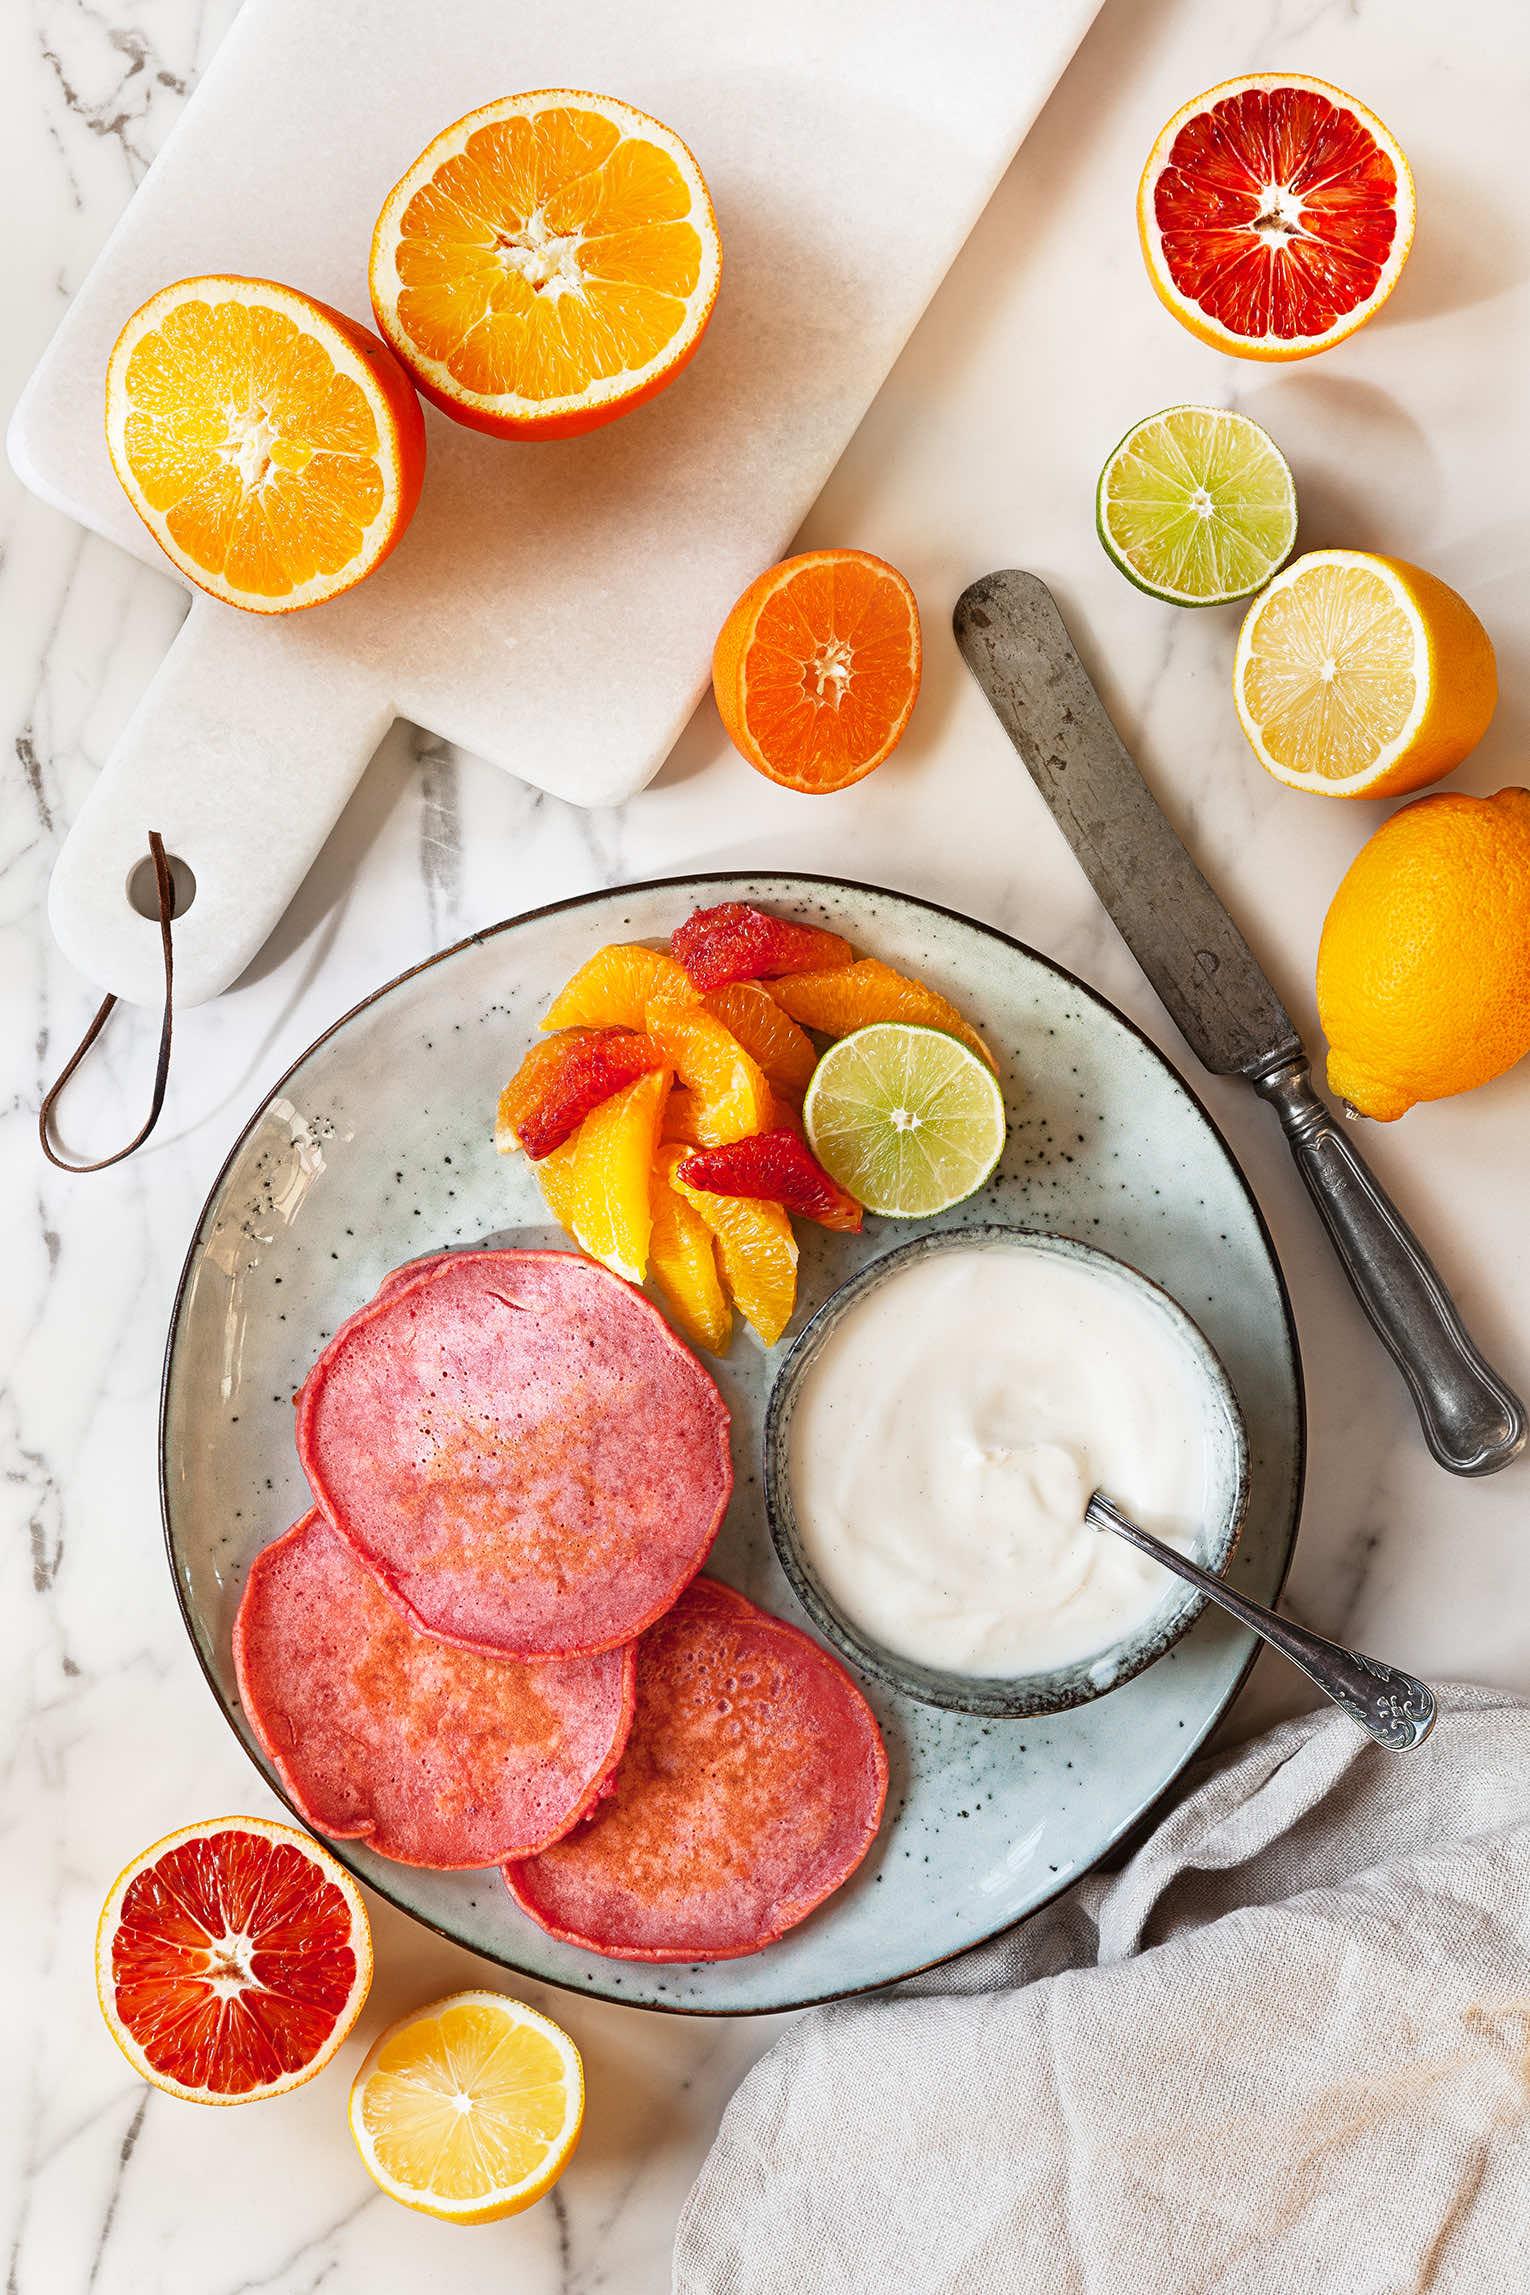 Rosa pannkakor rödbeta citrus